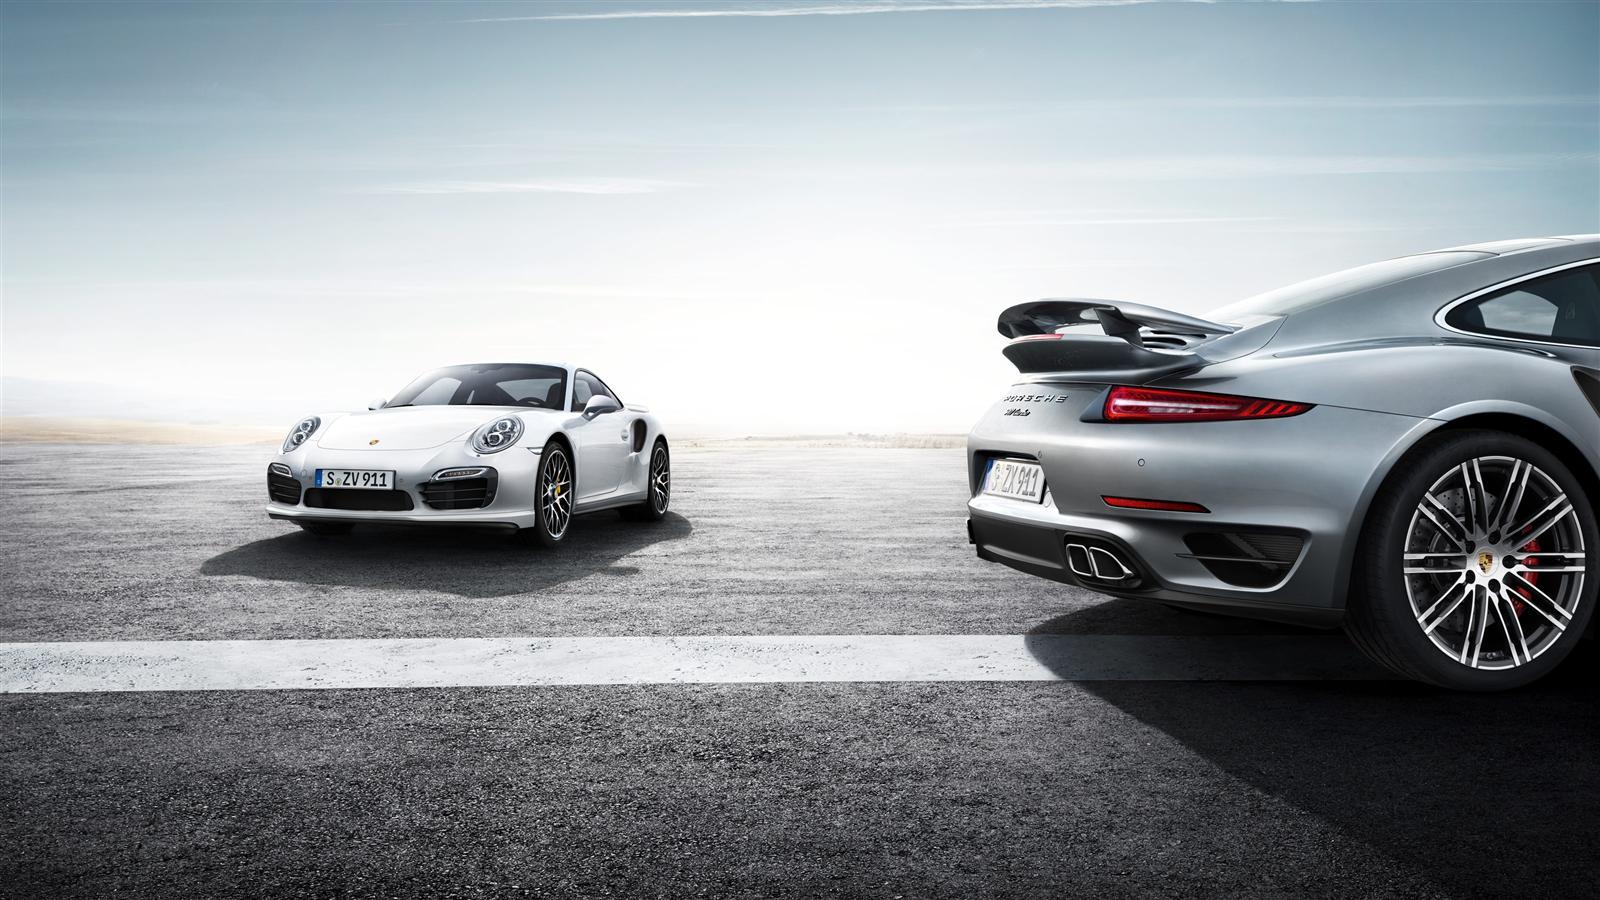 porsche 911 turbo s - 2015 Porsche 911 Turbo Wallpaper